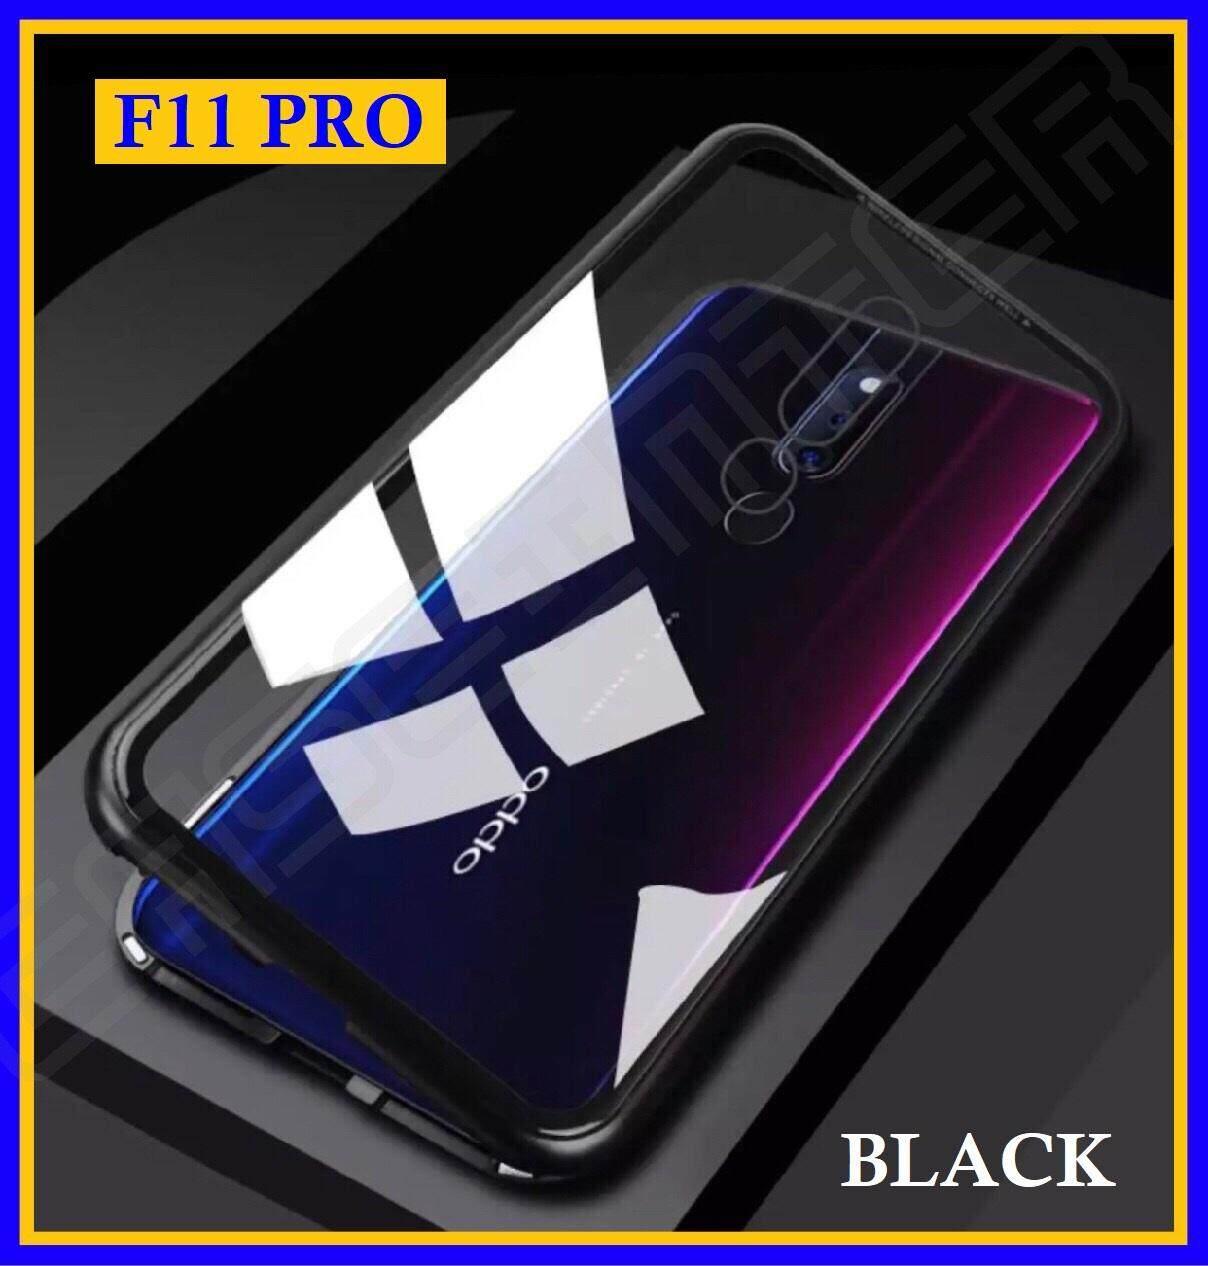 เก็บเงินปลายทางได้ [รับประกันสินค้า] Case Oppo F11 Pro เคสออฟโป้ F11Pro เคส Oppo F11Pro สินค้าพร้อมจัดส่ง เคสแม่เหล็ก เคสประกบ360 Magnetic Case 360 degree เคส Xiaomi Redmi เคสมือถือ เคสกันกระแทก รุ่นใหม่ แม่เหล็ก ประกบ หน้า-หลัง สินค้าใหม่